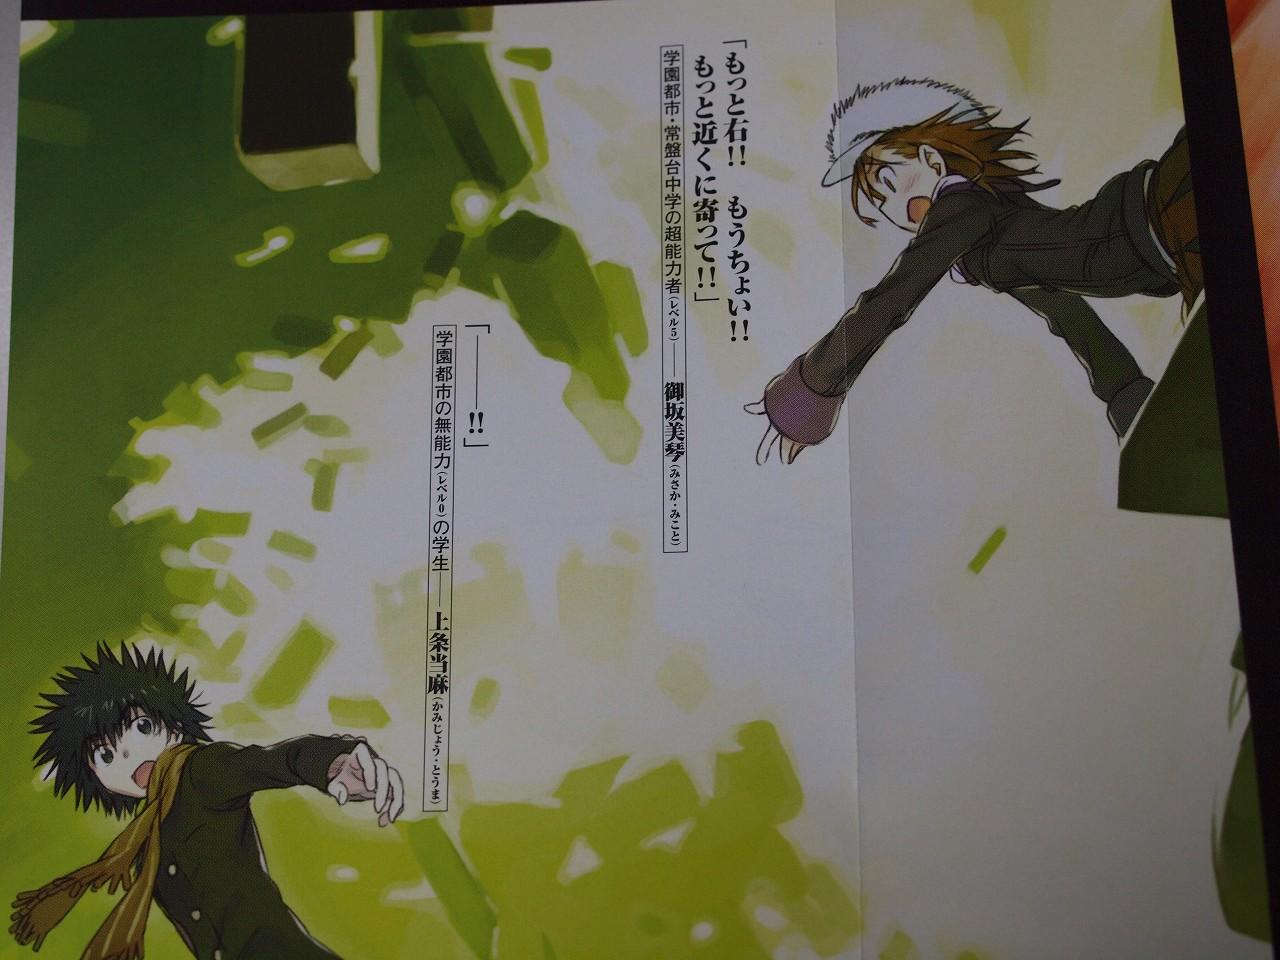 とある魔術の禁書目録 22巻 上条さんと美琴の邂逅